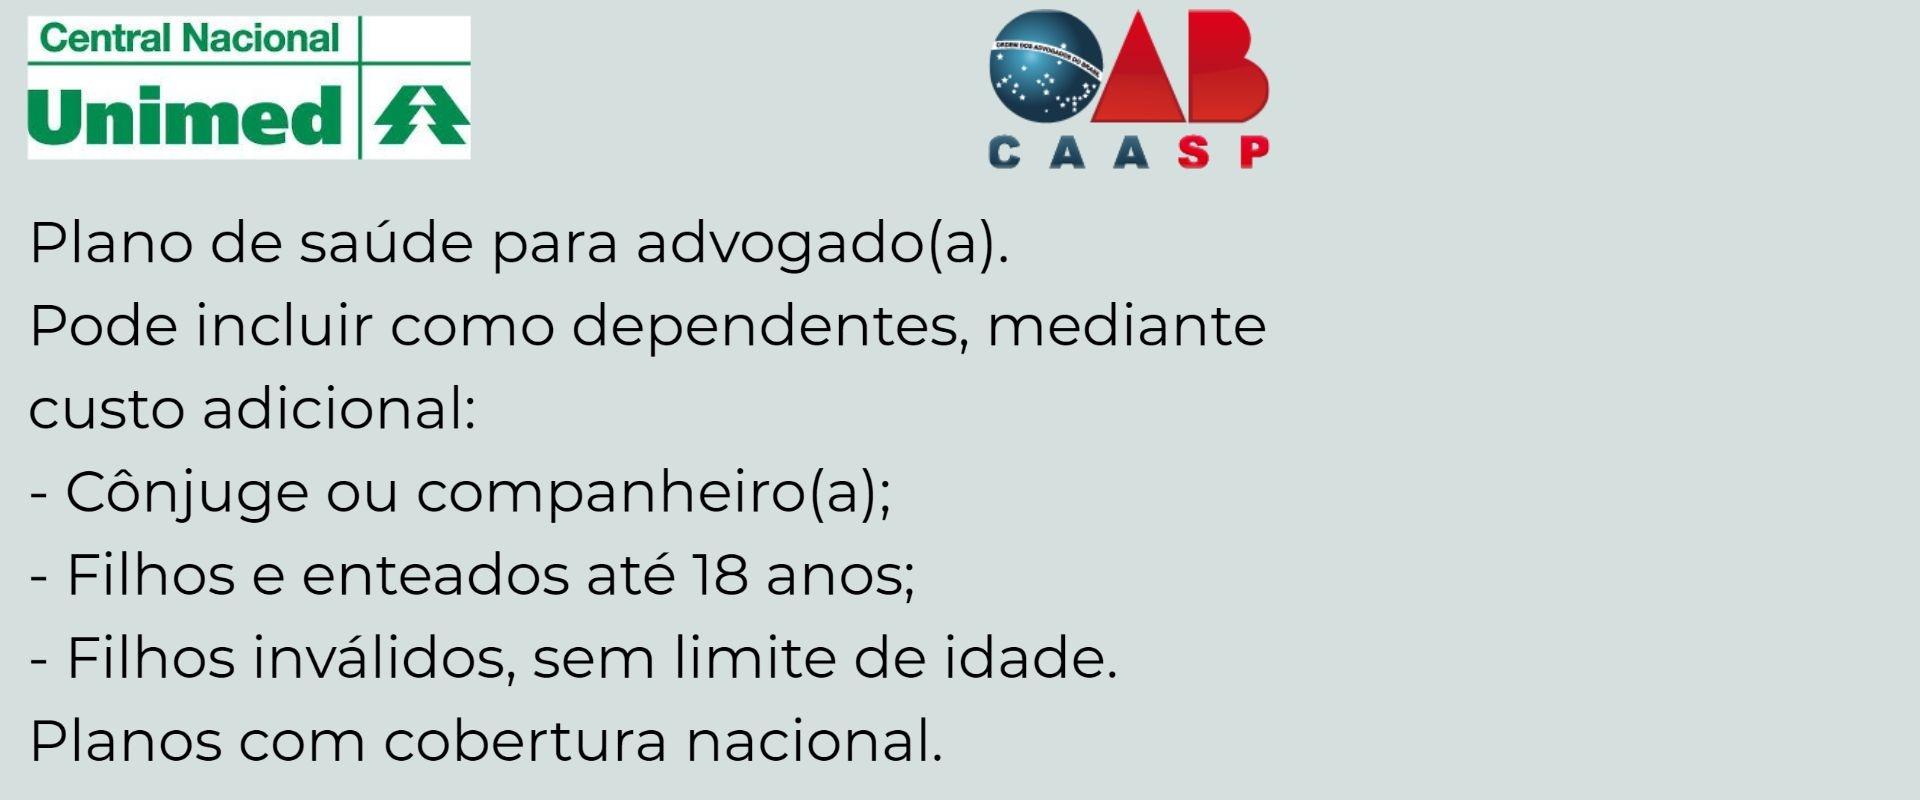 Unimed CAASP Bebedouro